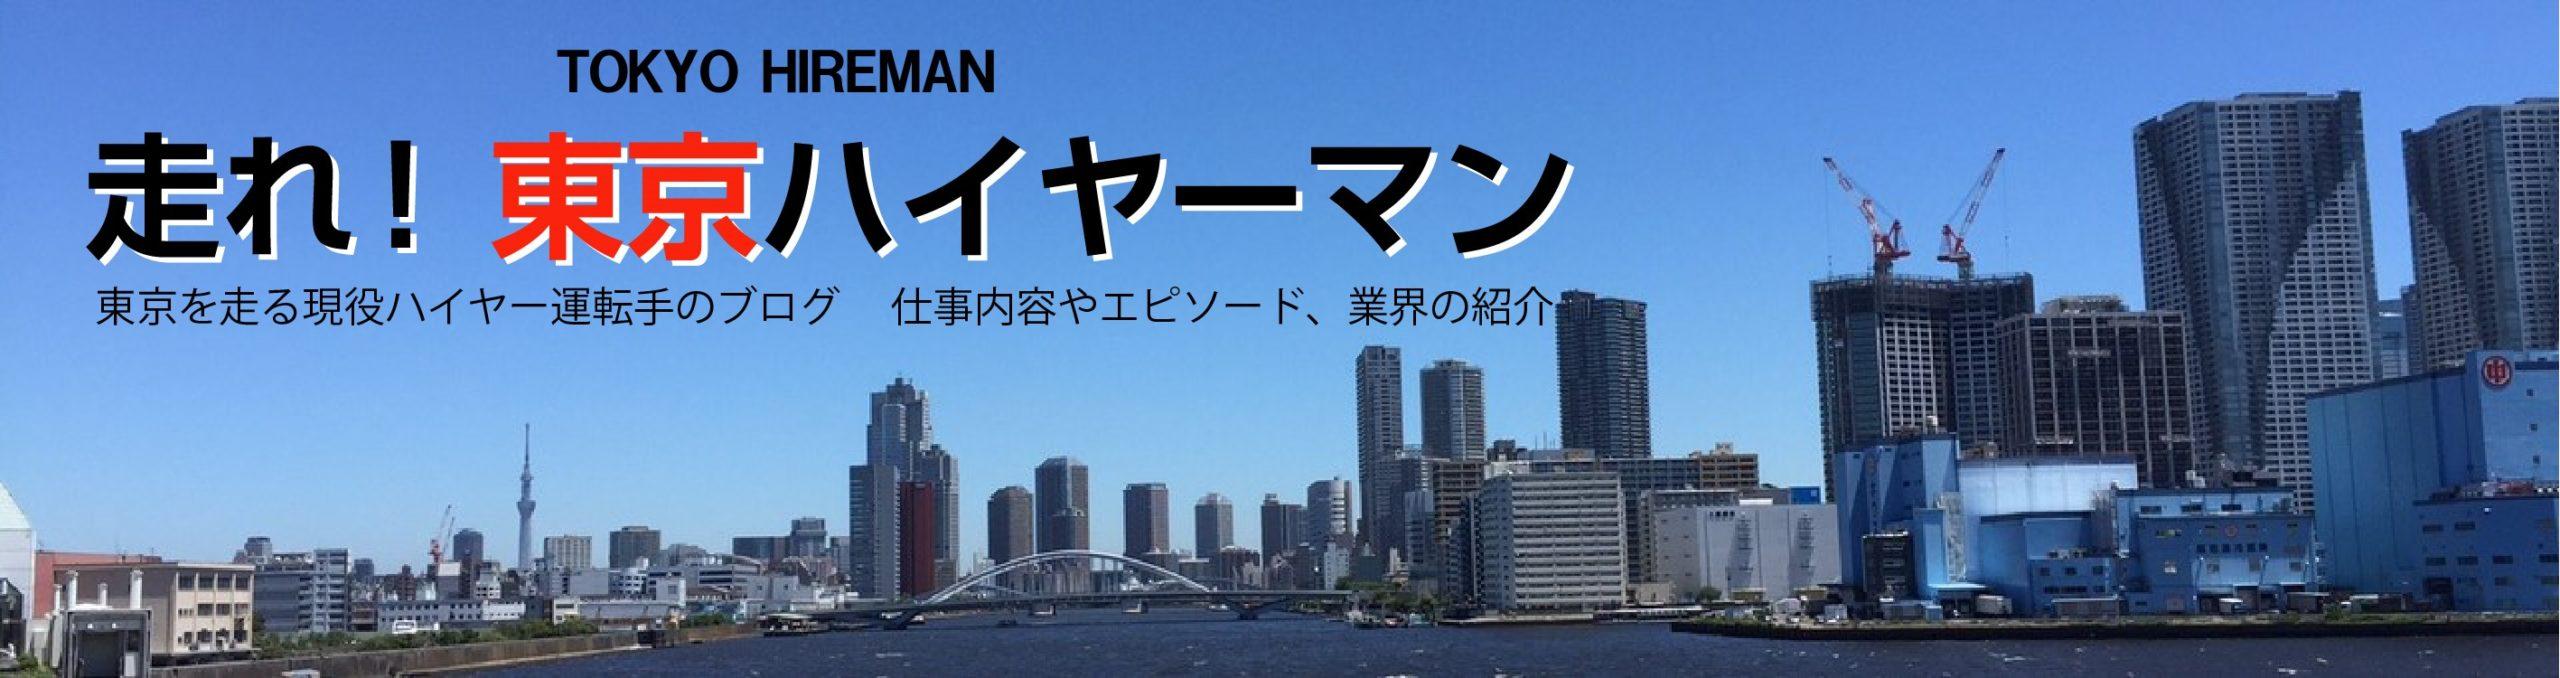 走れ!東京ハイヤーマン